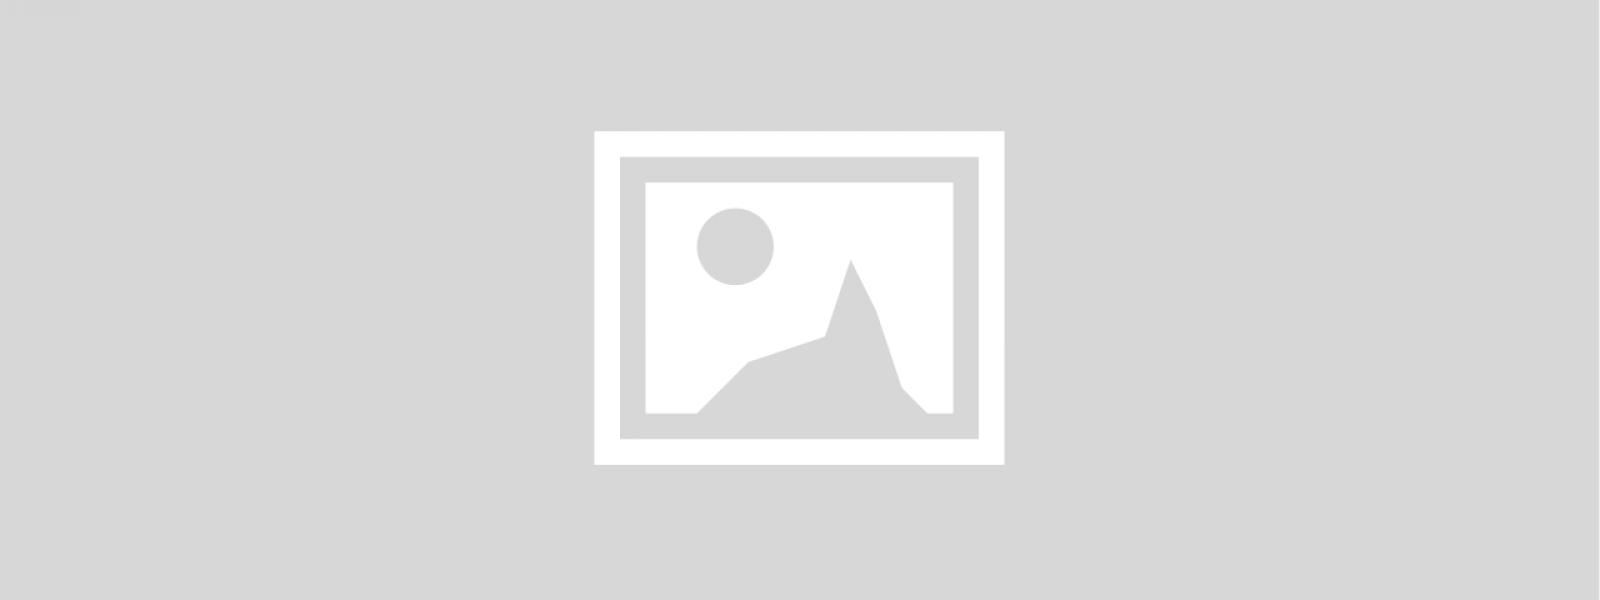 Mineralfaserabfälle, KMF, verpackt